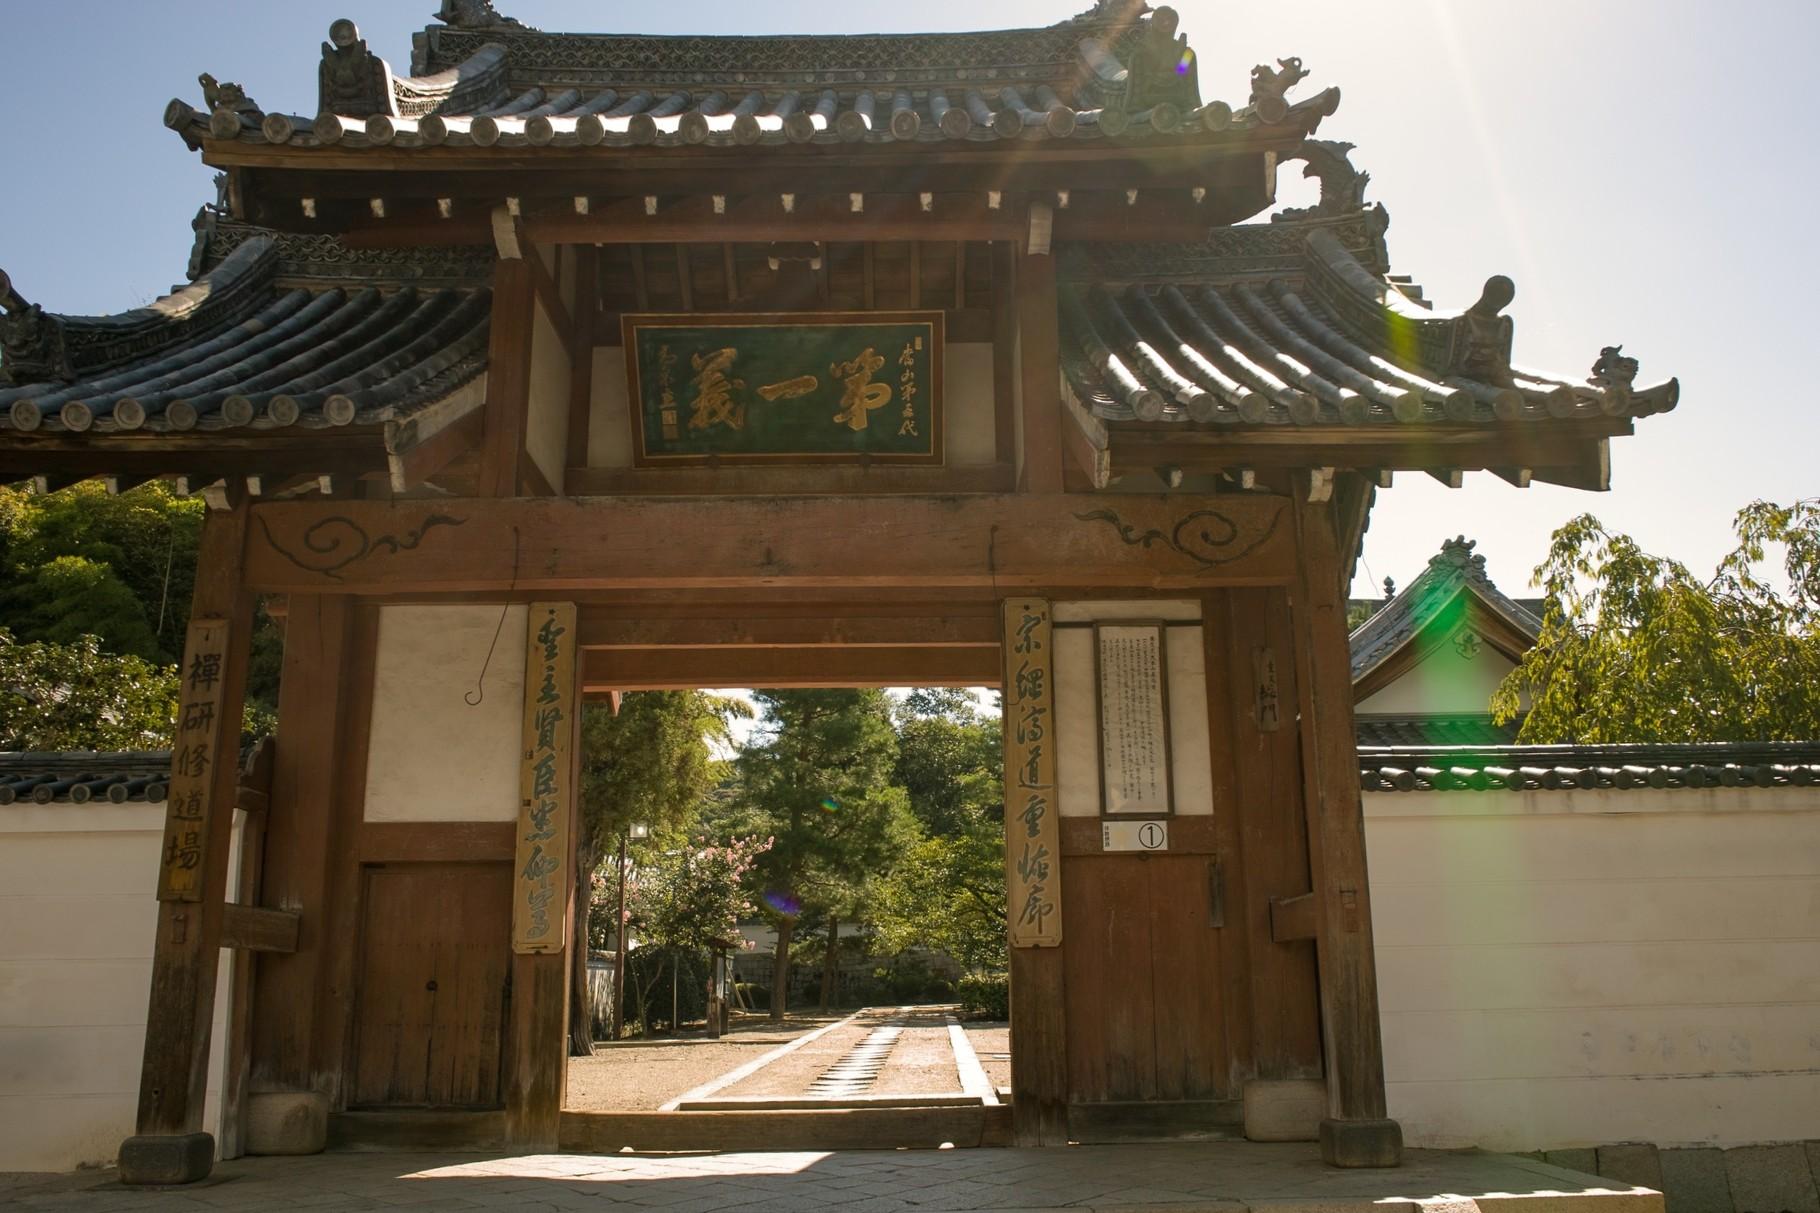 「総門」 中国の牌楼にあたるとのことです